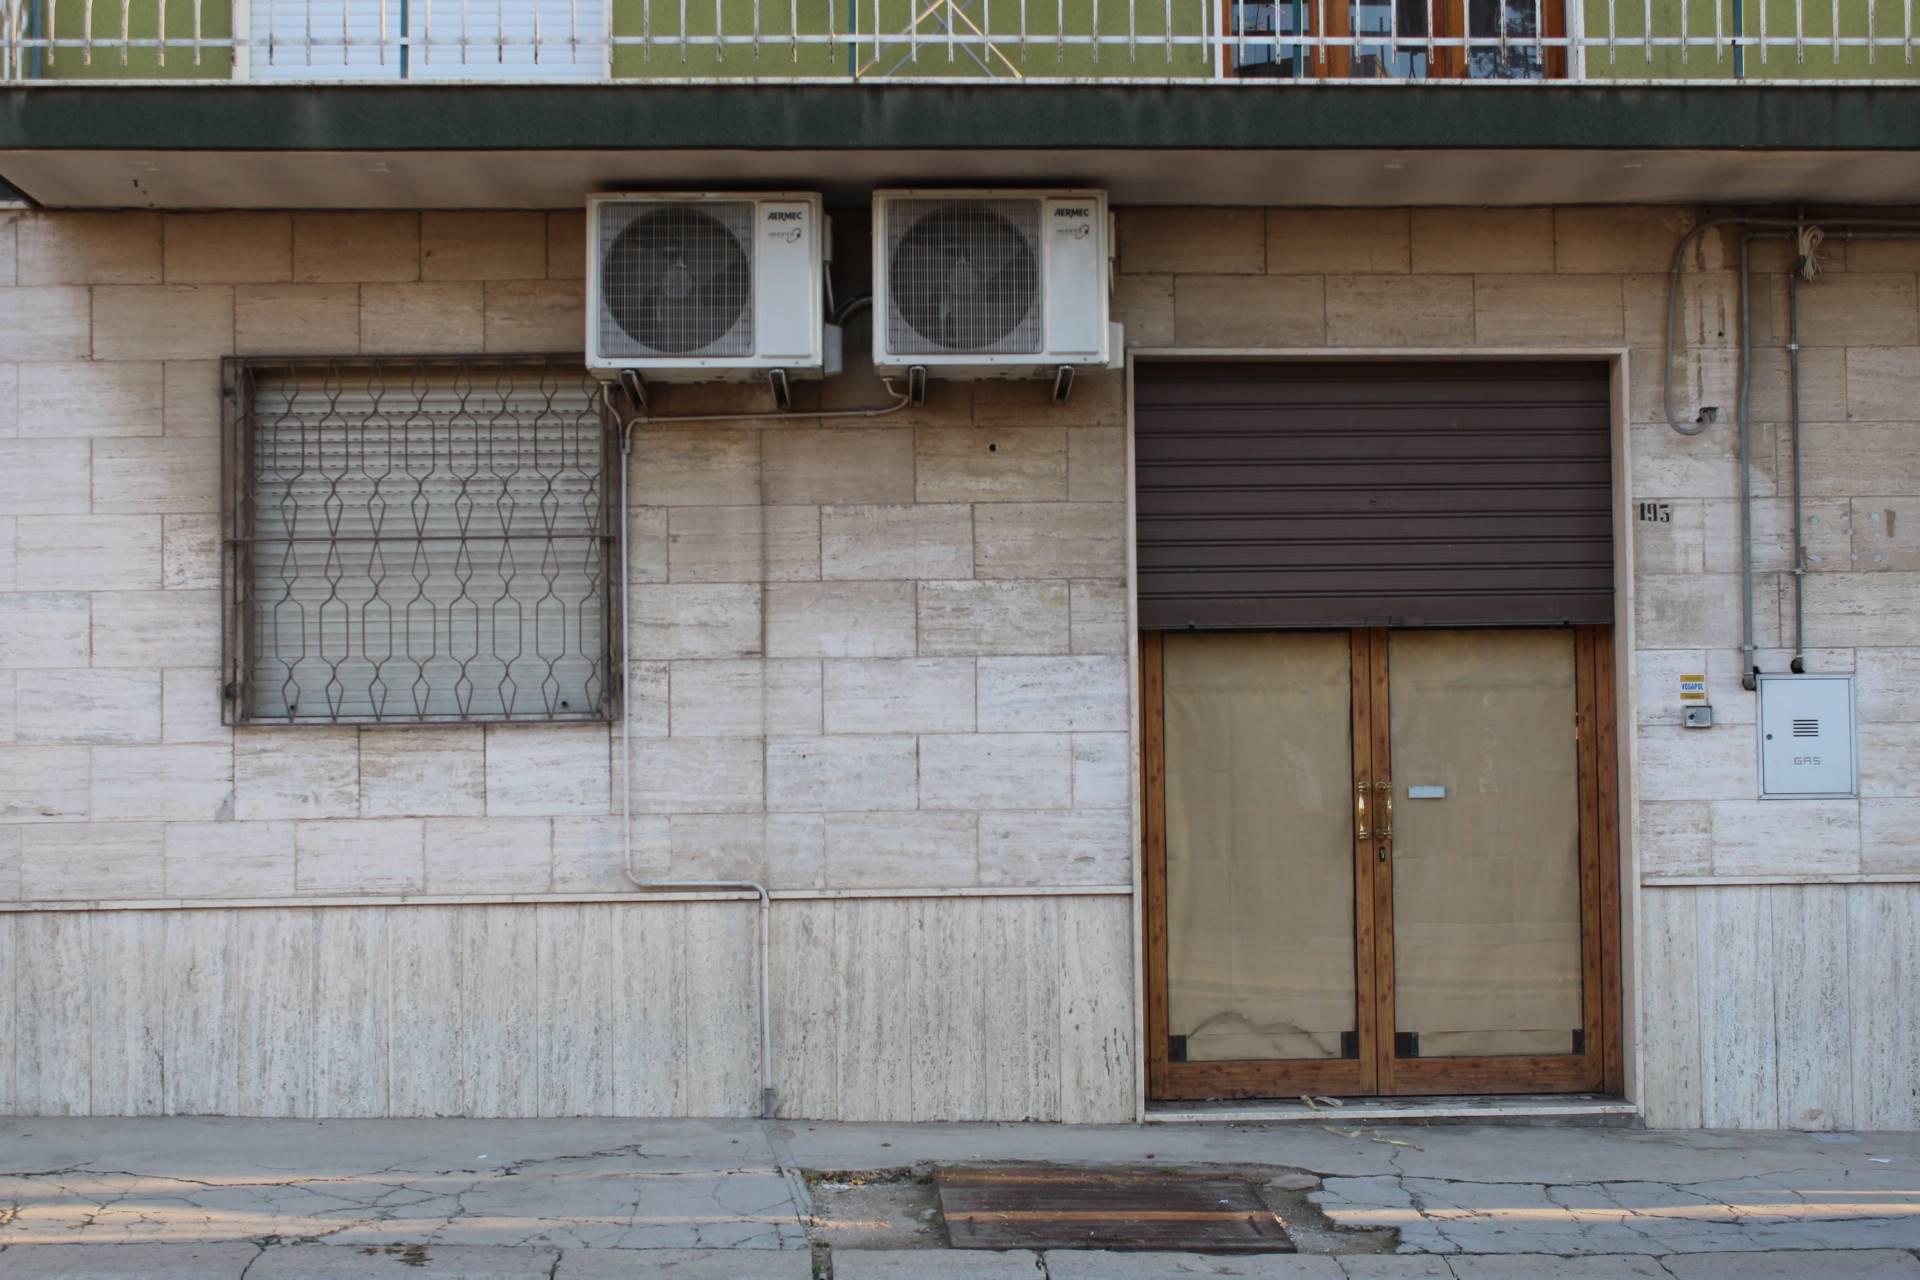 In Via Imbriani proponiamo la locazione di un locale commerciale completamente ristrutturato di complessivi Mq.85 circa. VIA IMBRIANI – CANOSA DI